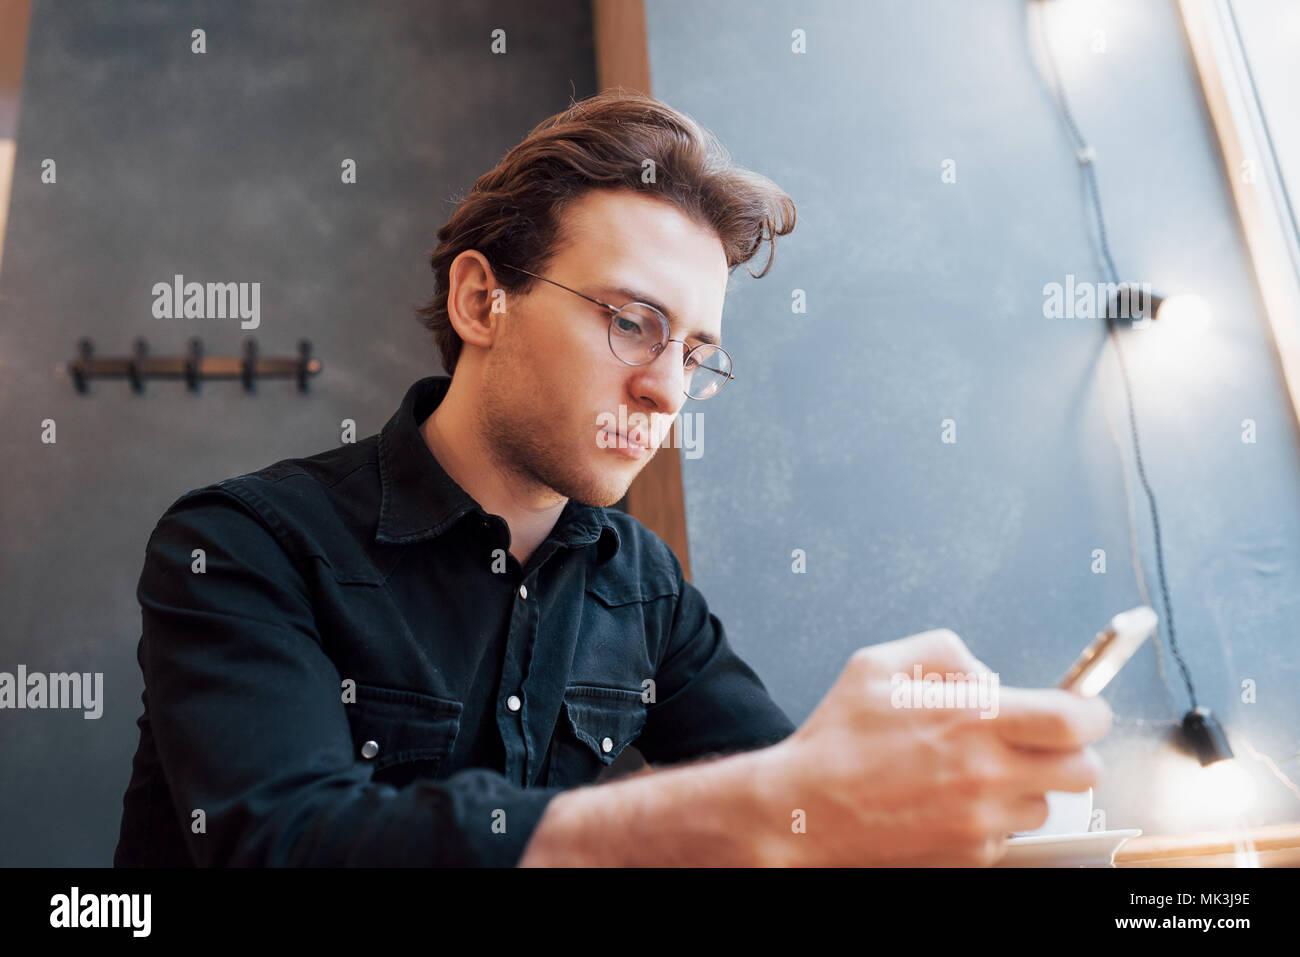 Beau Portrait homme barbu écouteurs regardant la vidéo téléphone mobile studio loft moderne.Man sitting in vintage chaise,holding smartphone et relaxant.horizontal, film, Effet bokeh Banque D'Images